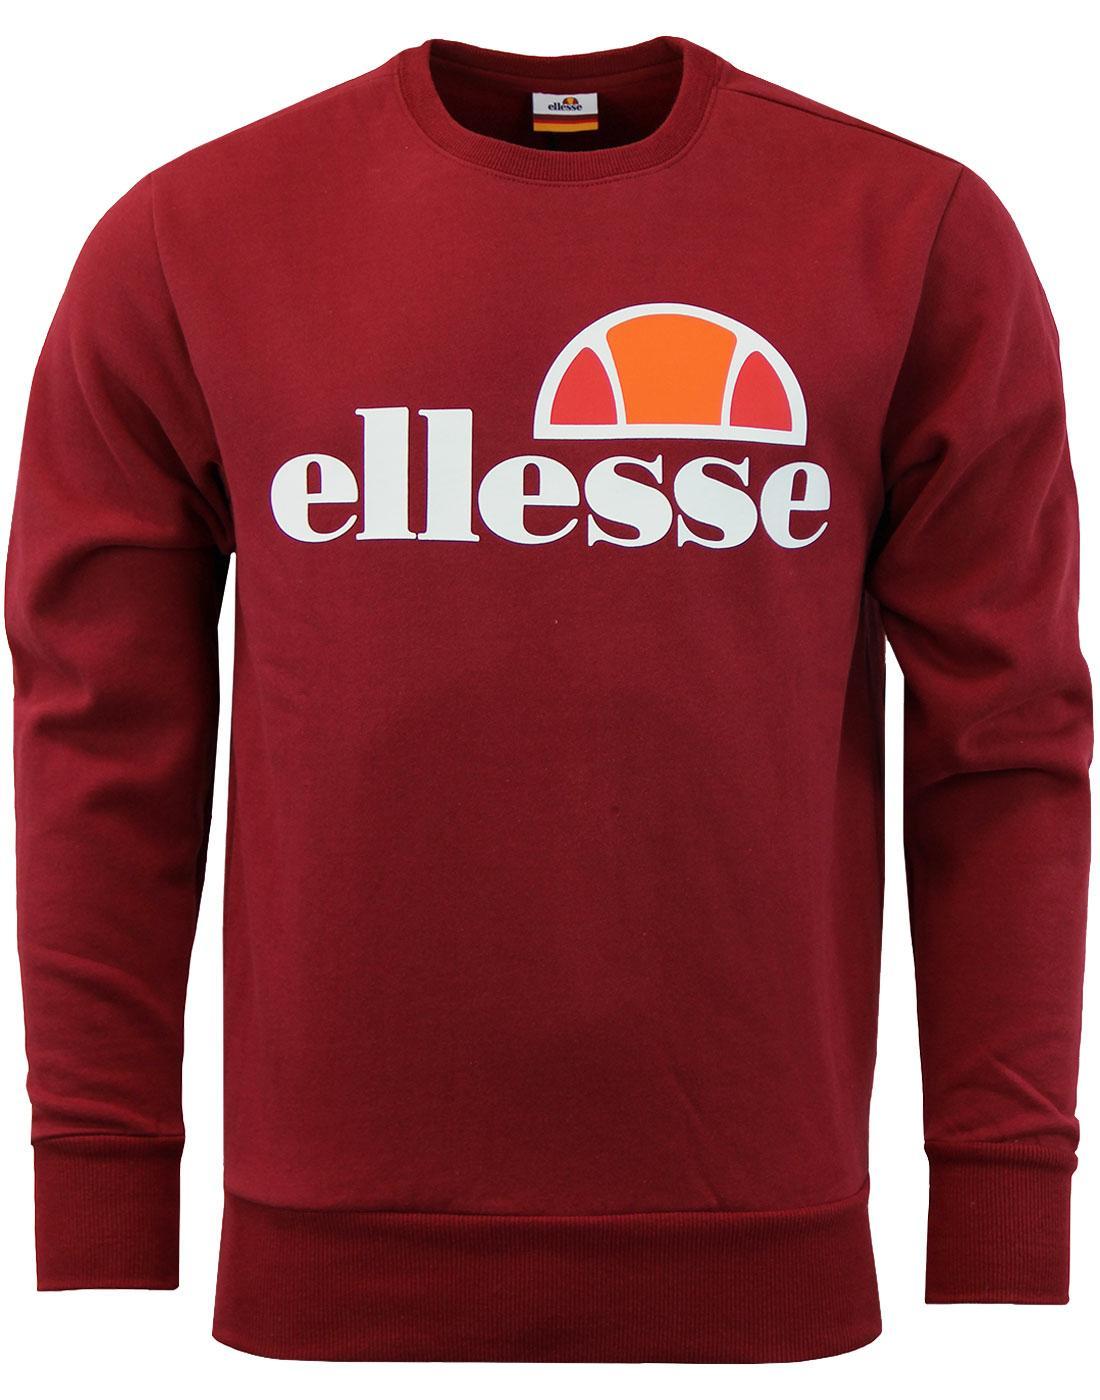 Succiso ELLESSE Retro 70s Crew Neck Sweater (TR)